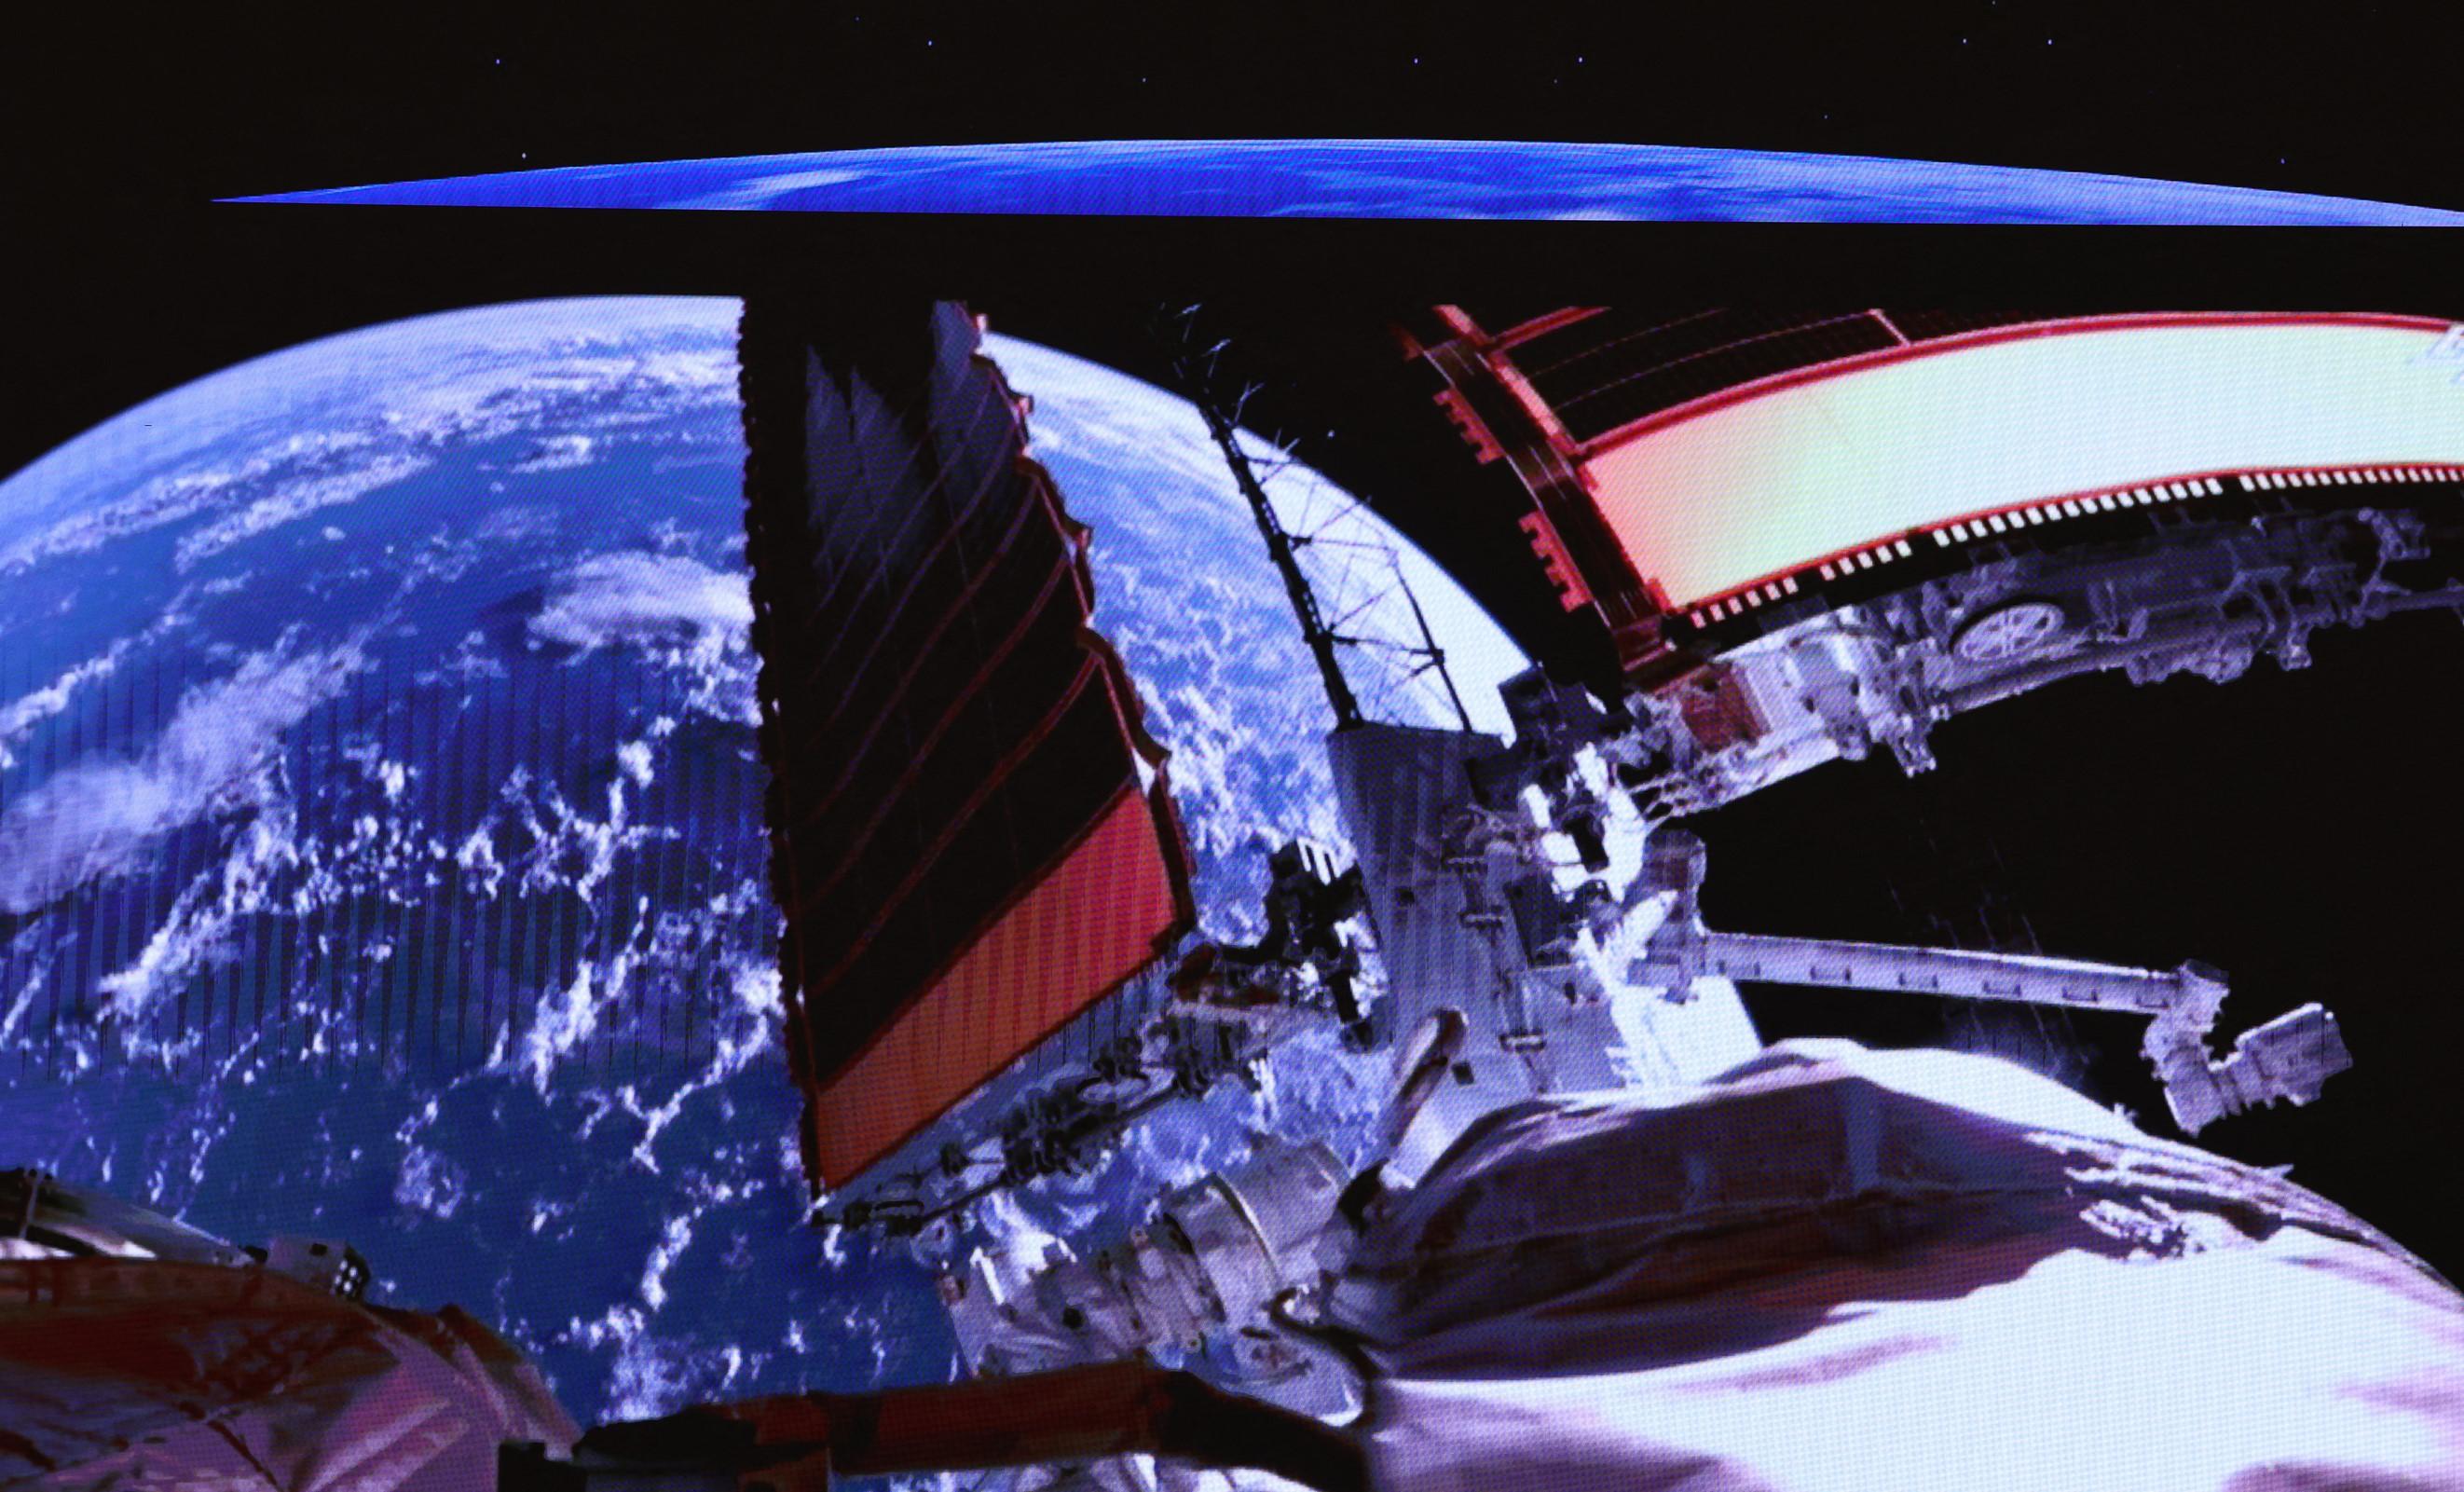 China y Rusia se asocian e inauguran nueva era de competencia espacial